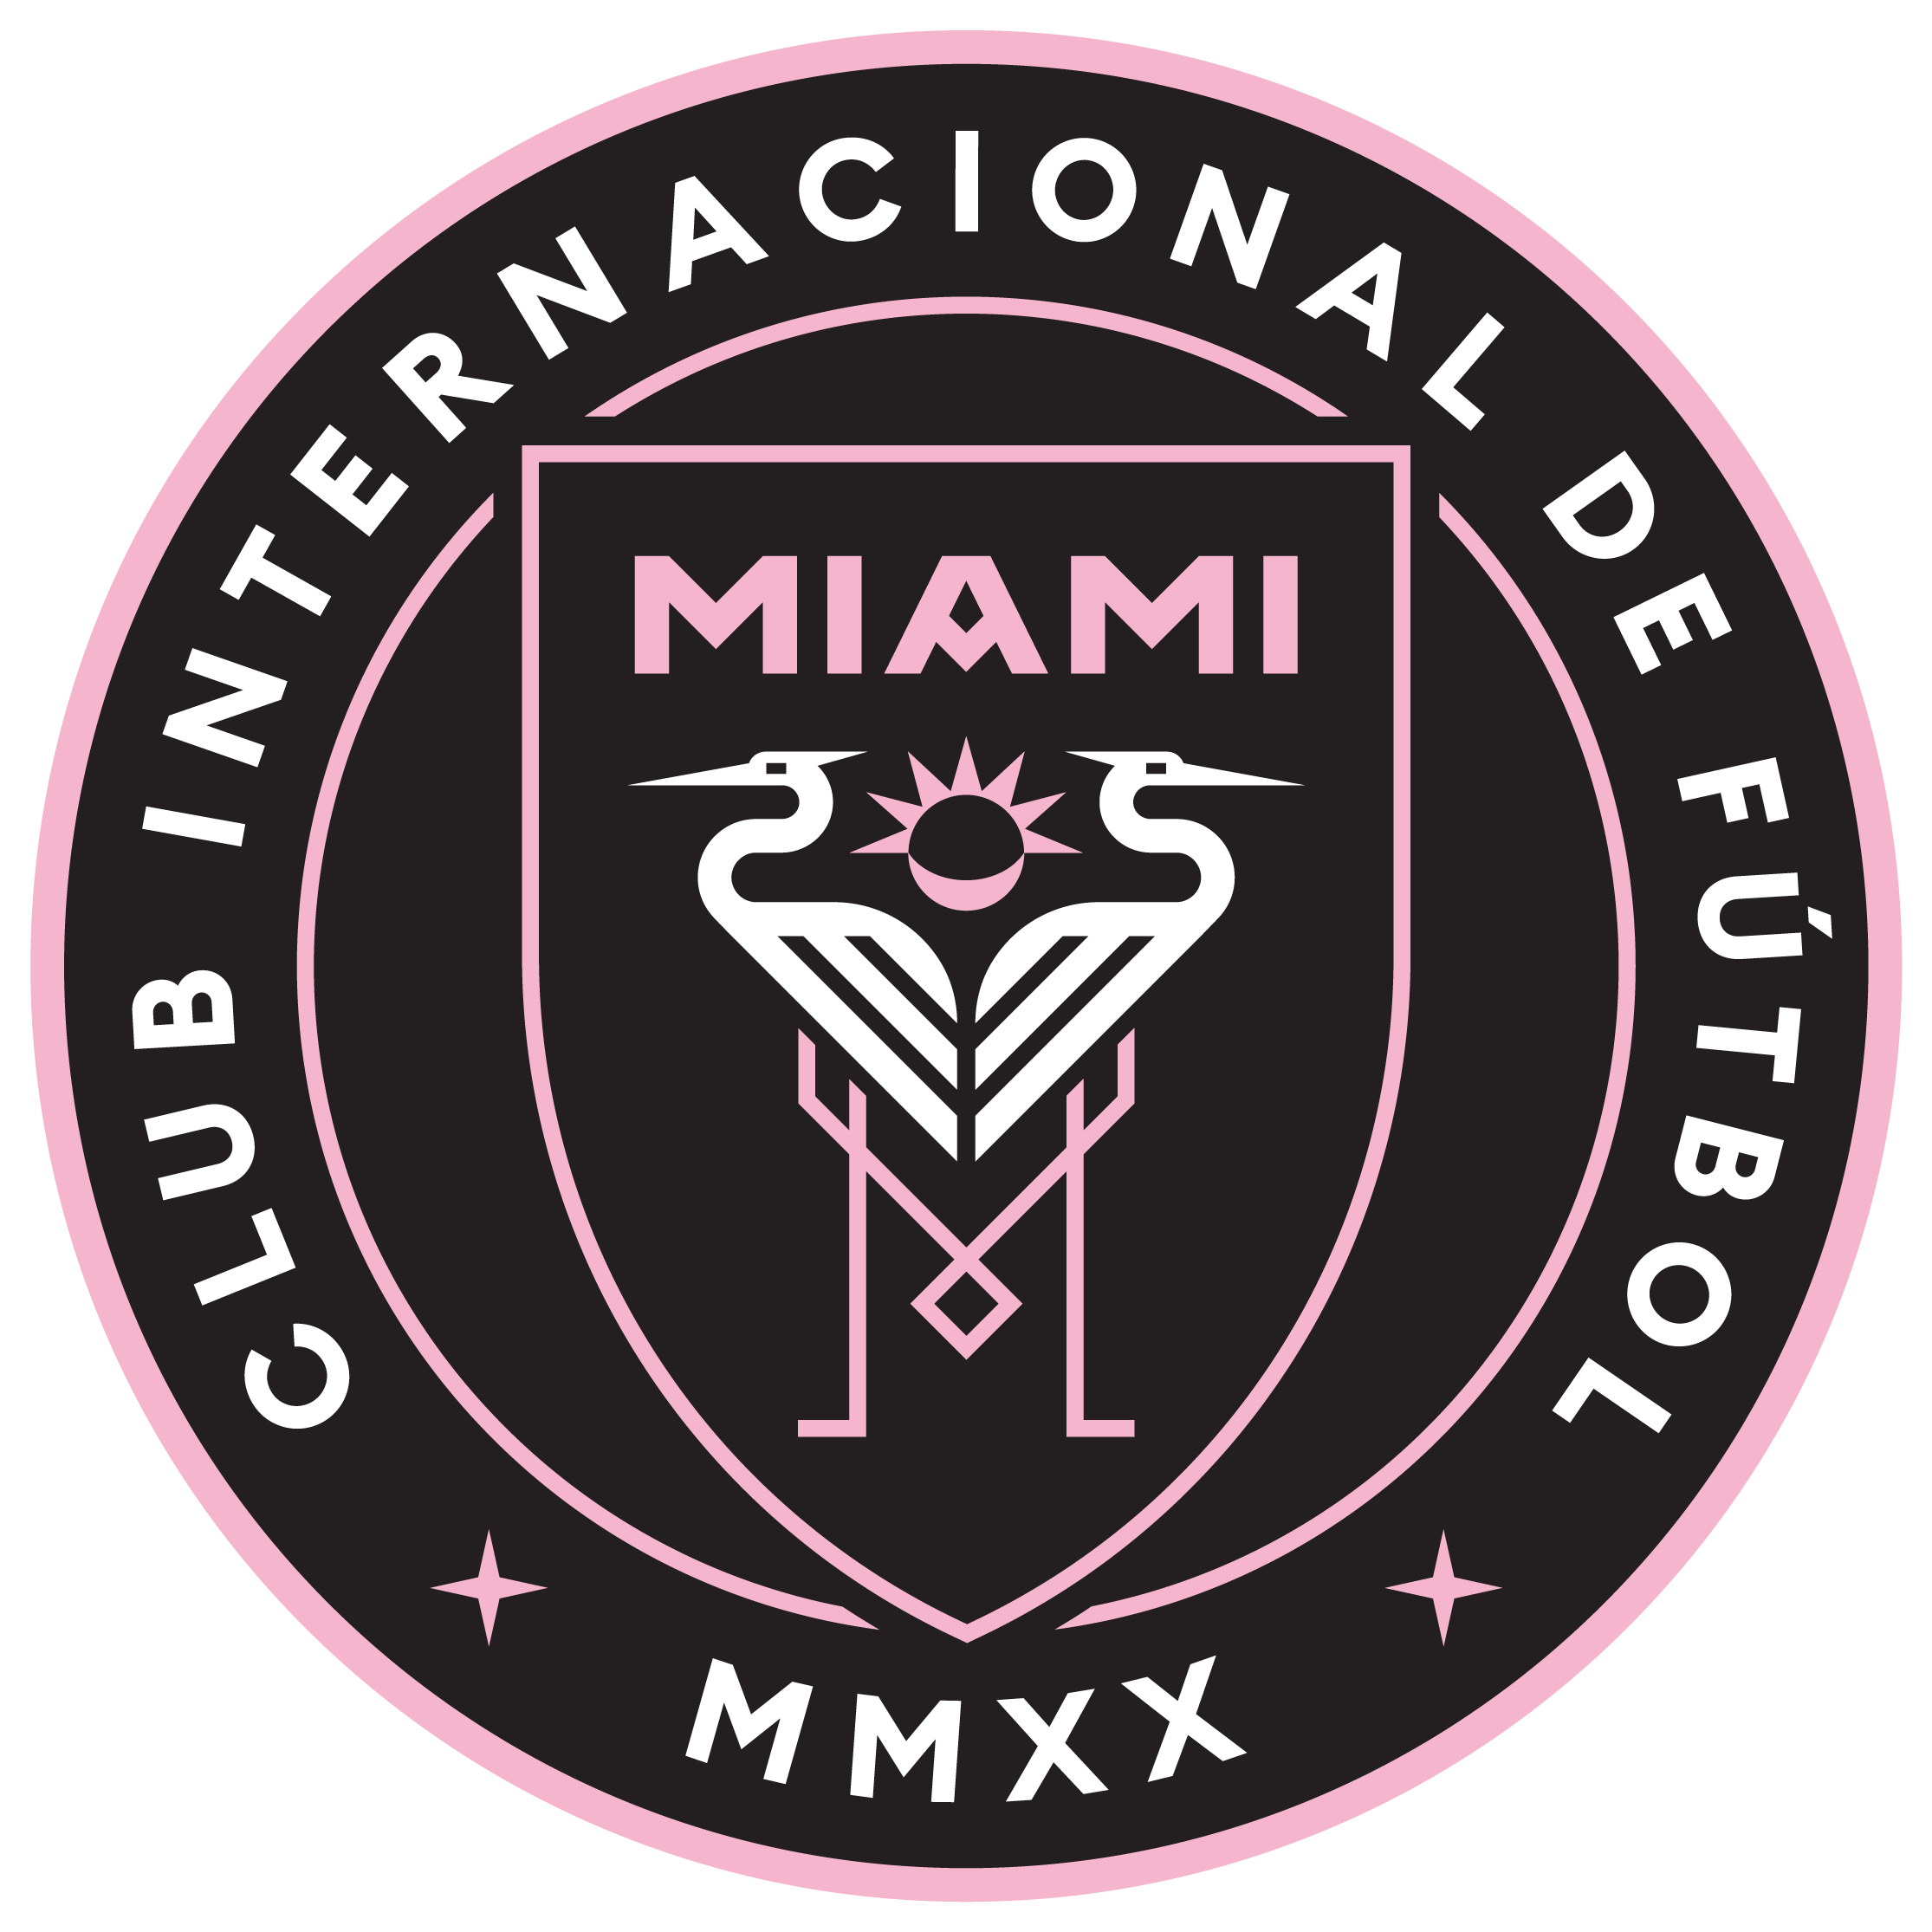 Inter Miami CF